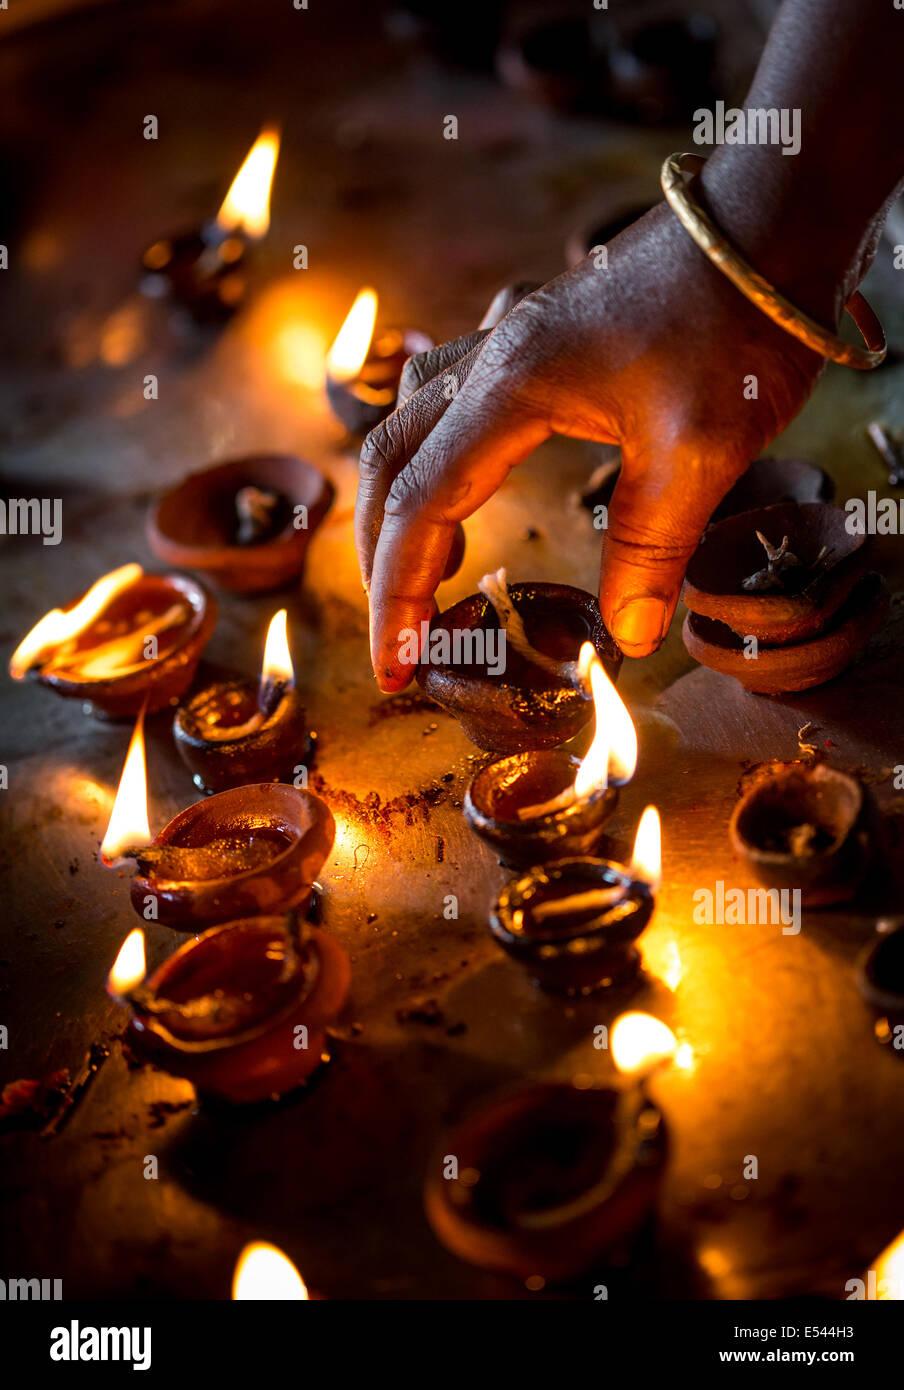 Brennende Kerzen im indischen Tempel. Diwali-das Fest der Lichter. Stockfoto